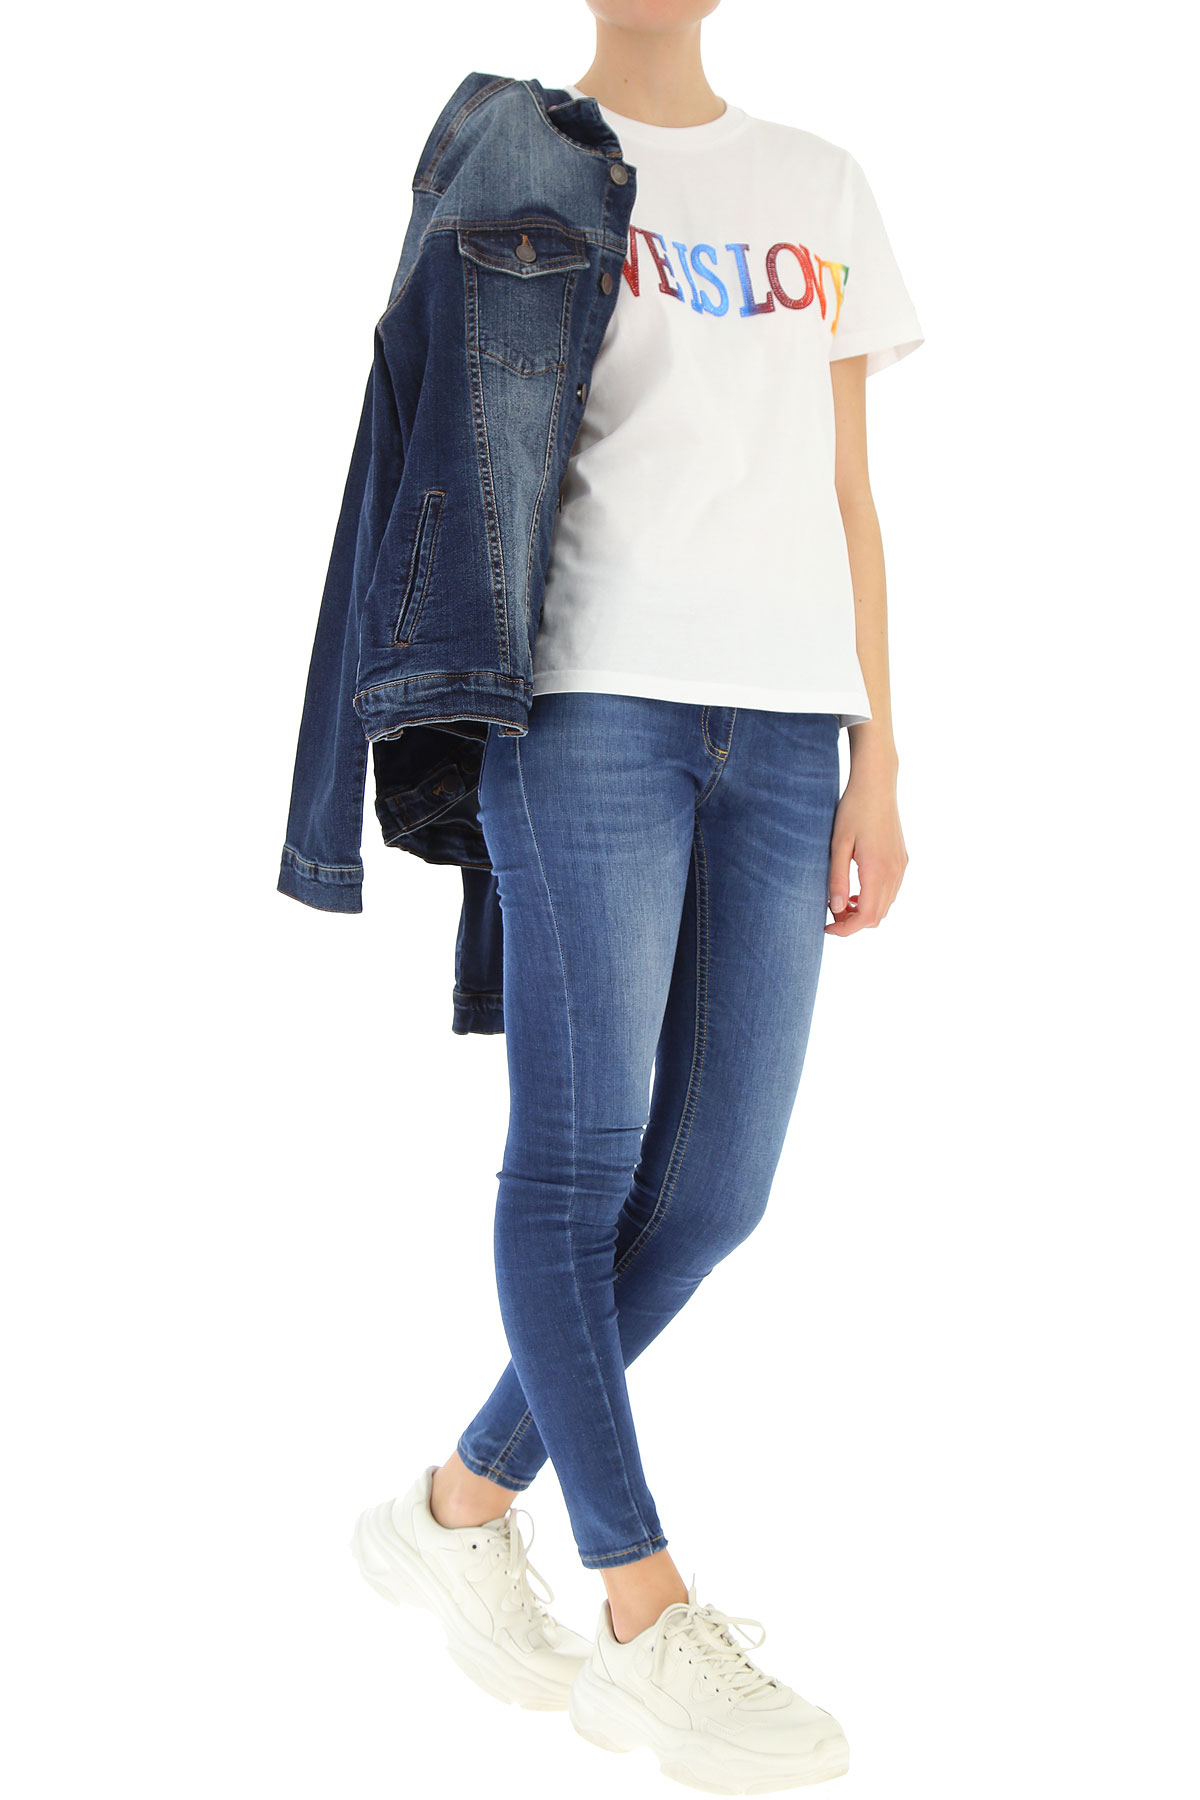 Ferretti Mujer Ropa Primavera nbsp; Alberta verano Blanco Para 2019 t5dpq